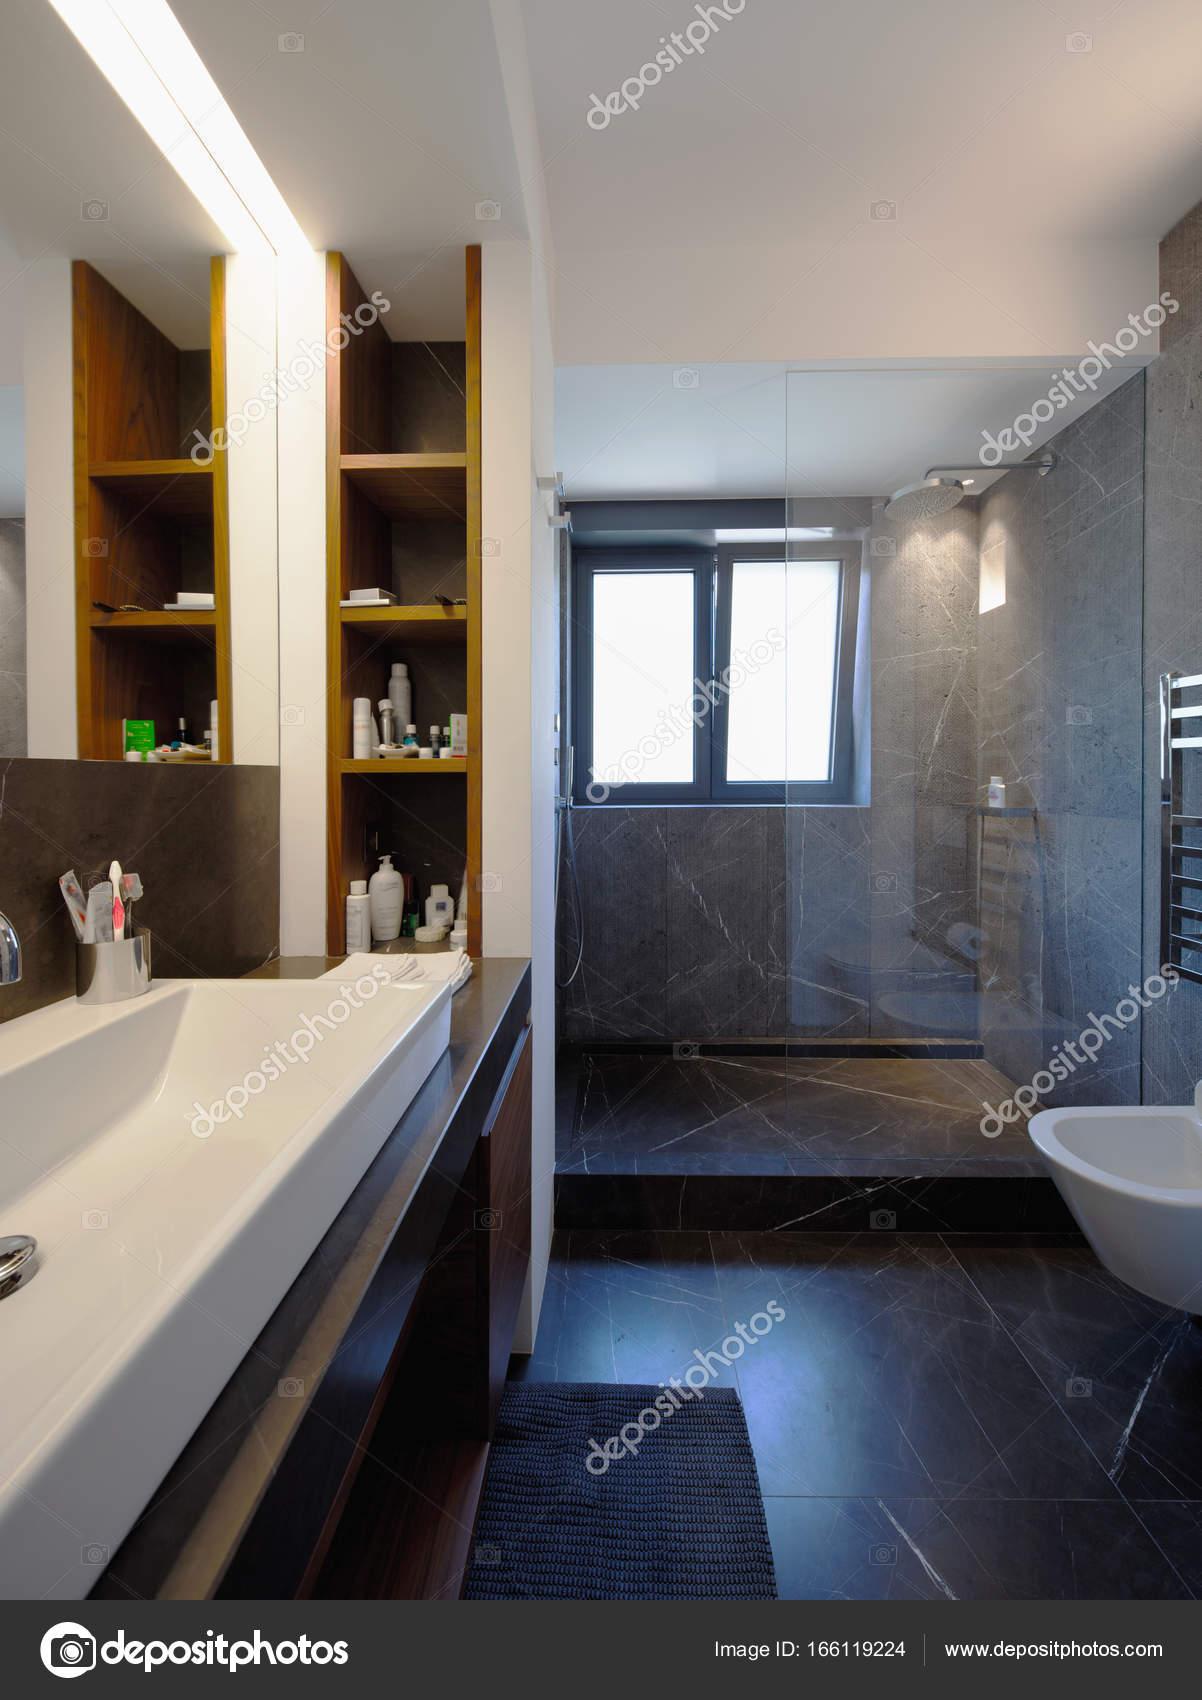 Bagno moderno in appartamento di lusso — Foto Stock © Zveiger #166119224